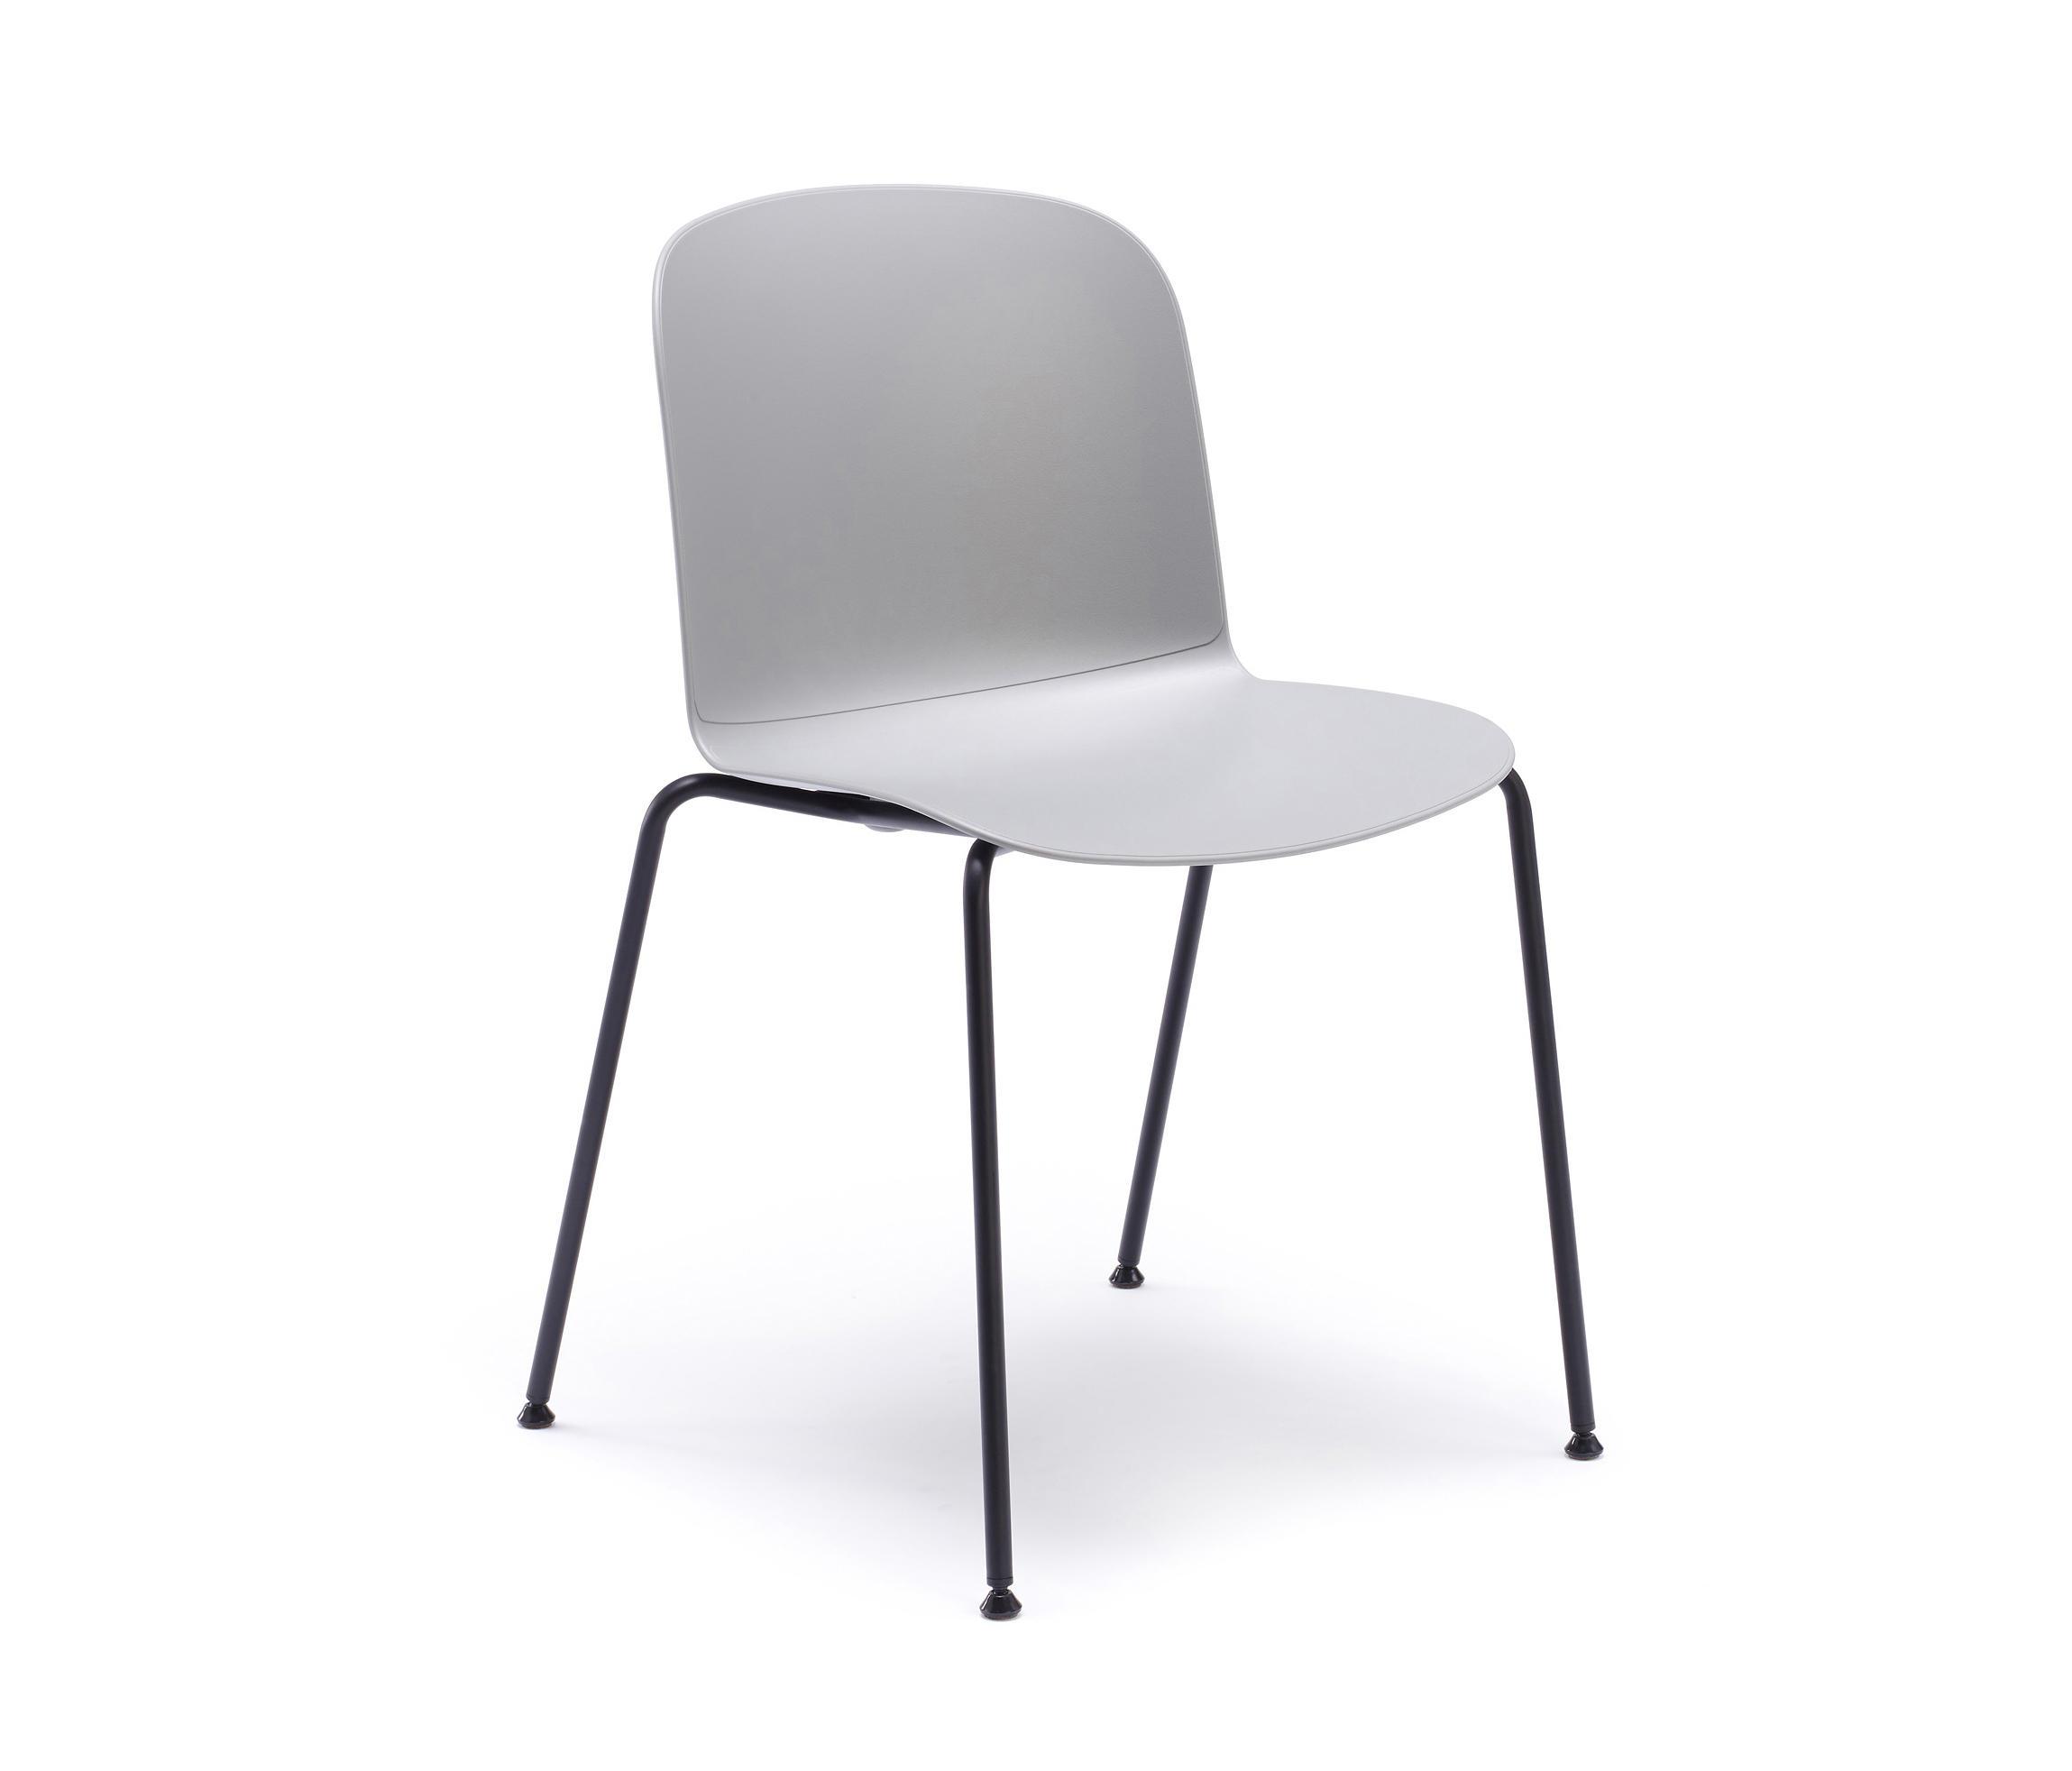 Von Infiniti Relief DesignArchitonic Stühle Relief Aq354RjcLS